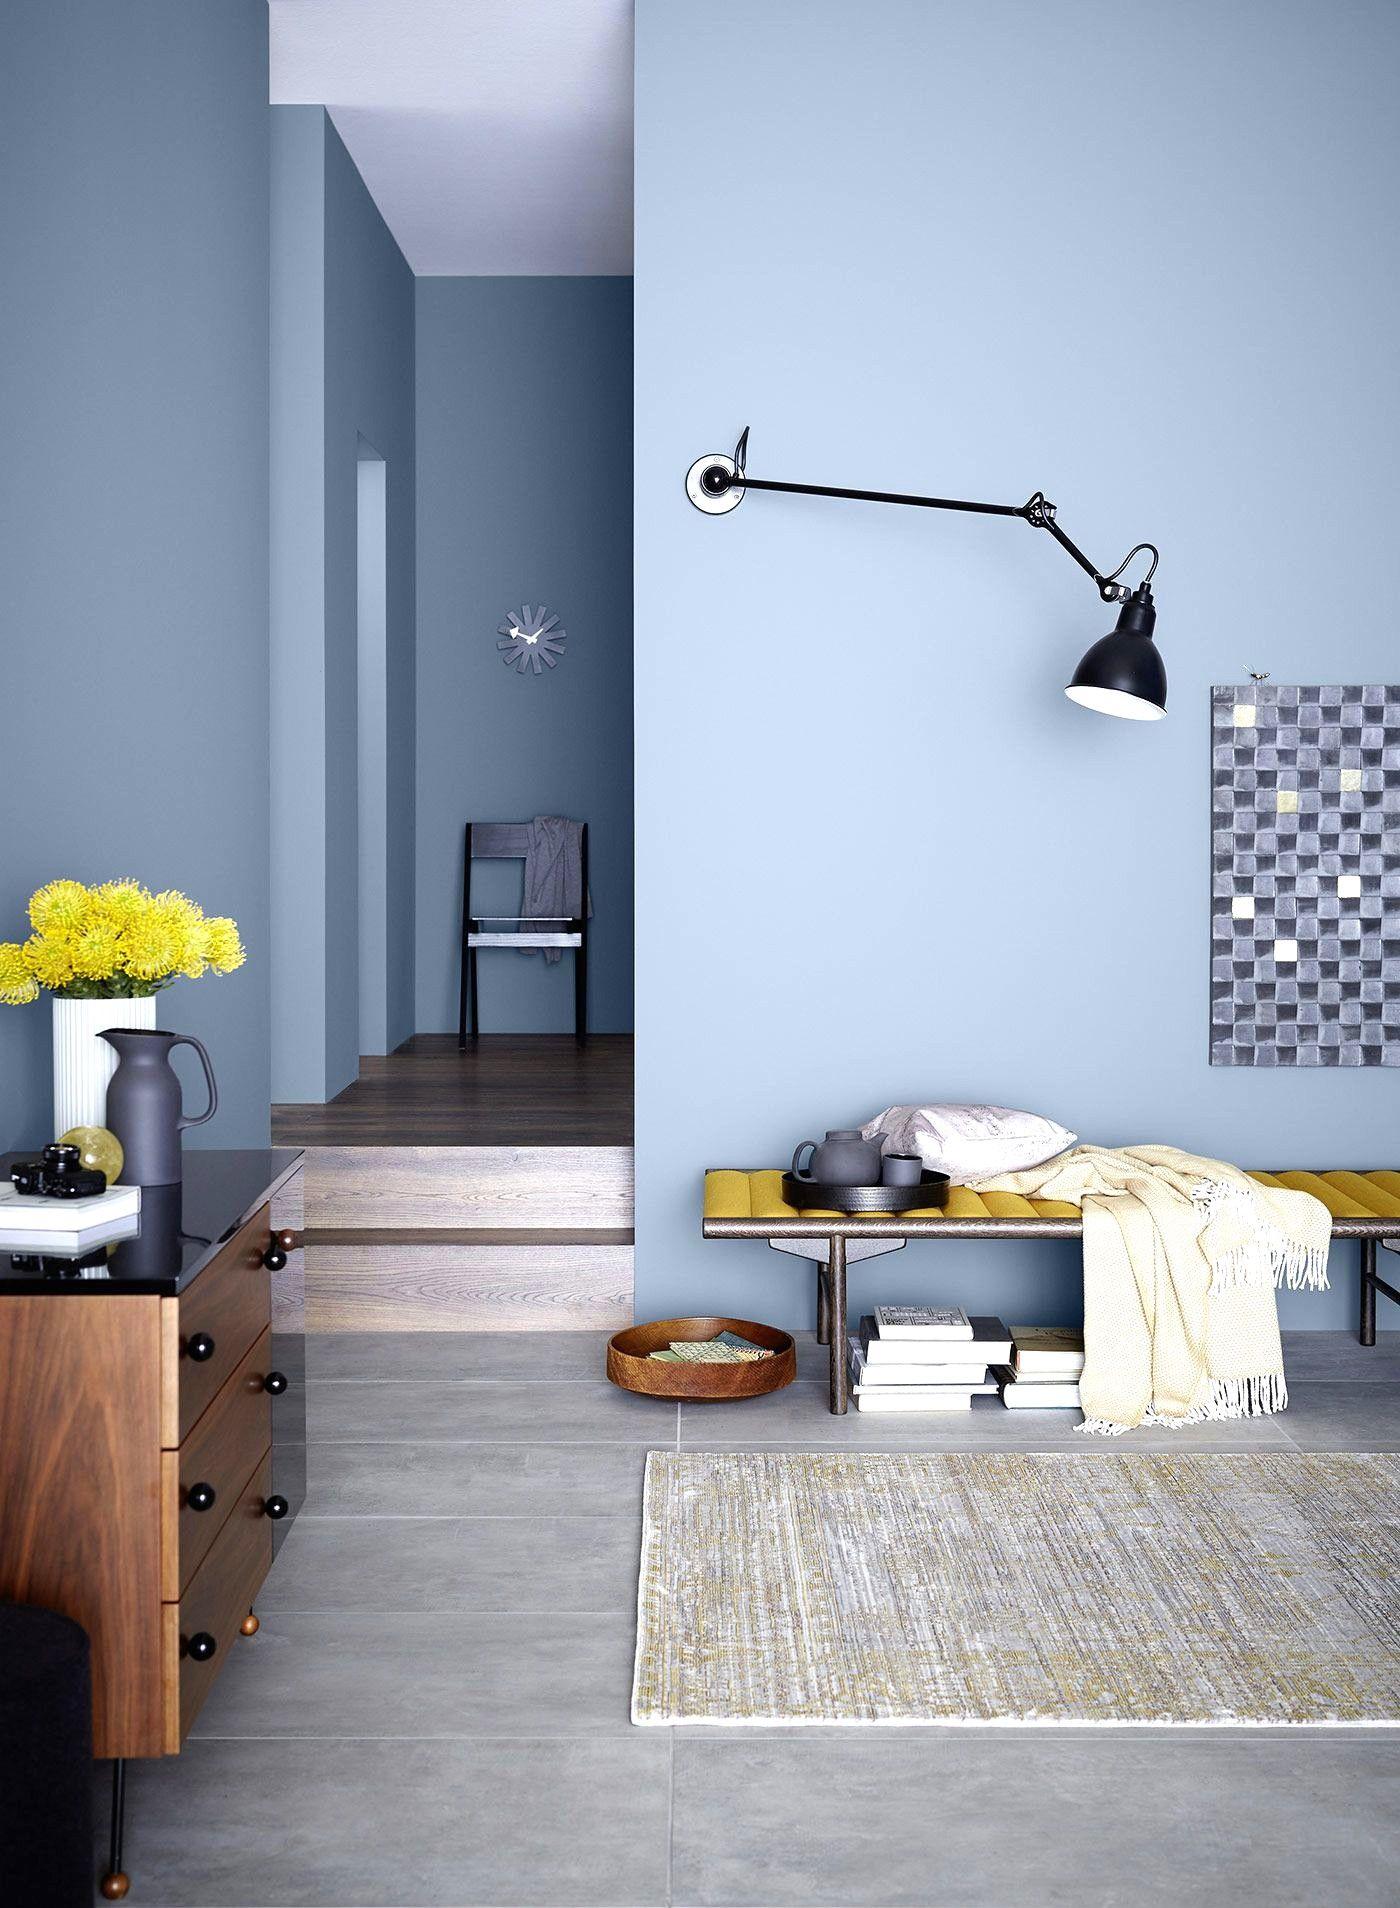 Wandfarbe Schoner Wohnen Jade Wohnen Schoner Wohnen Farbe Haus